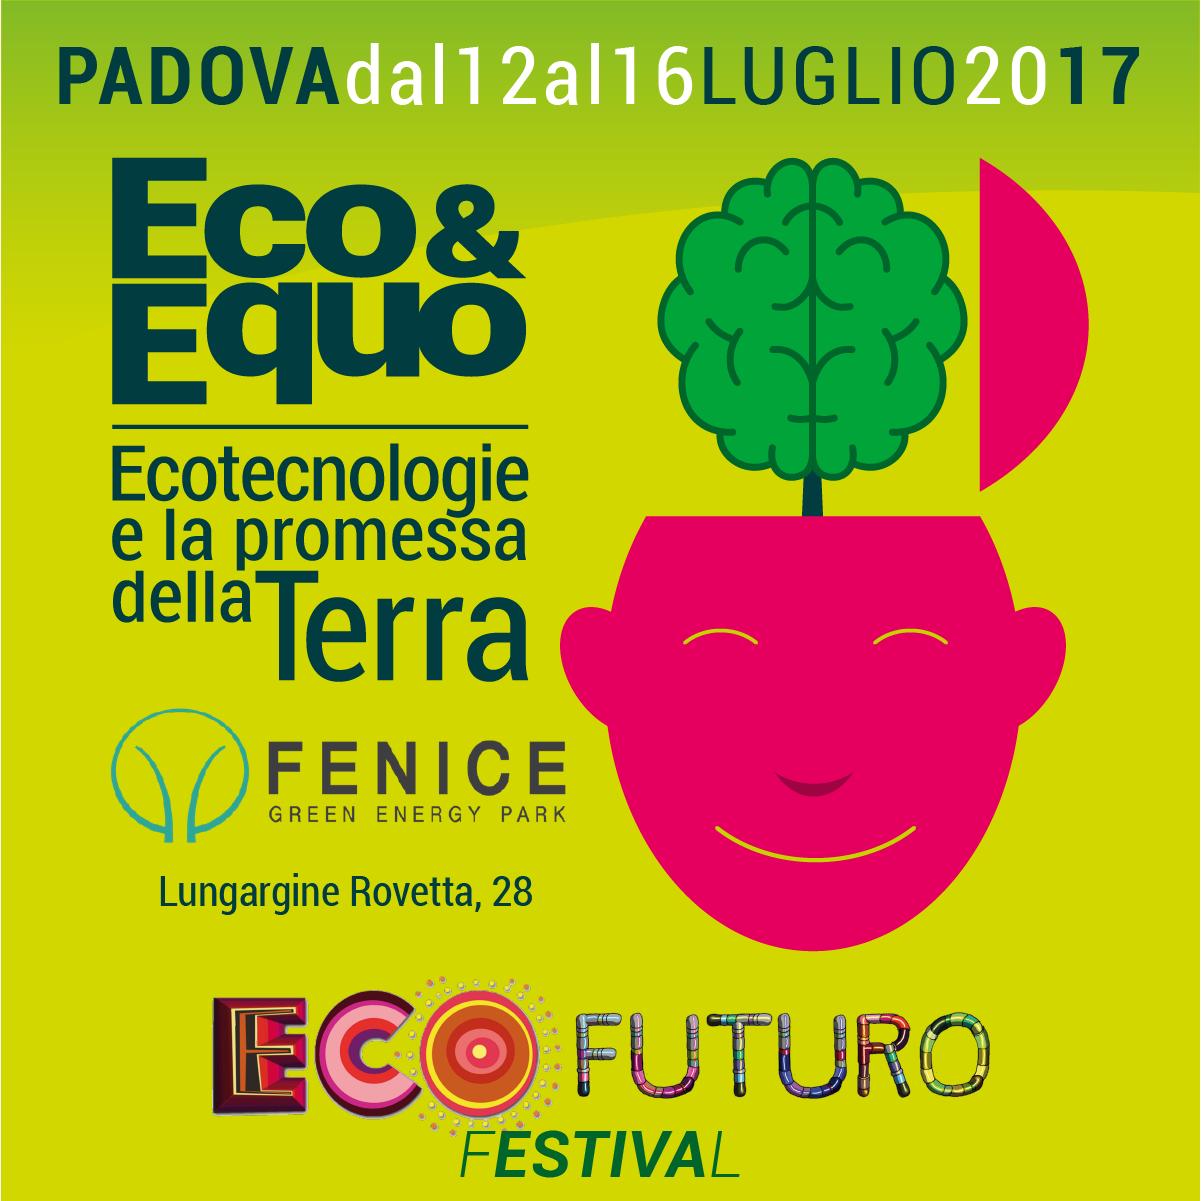 ecofuturo-2017-01.png